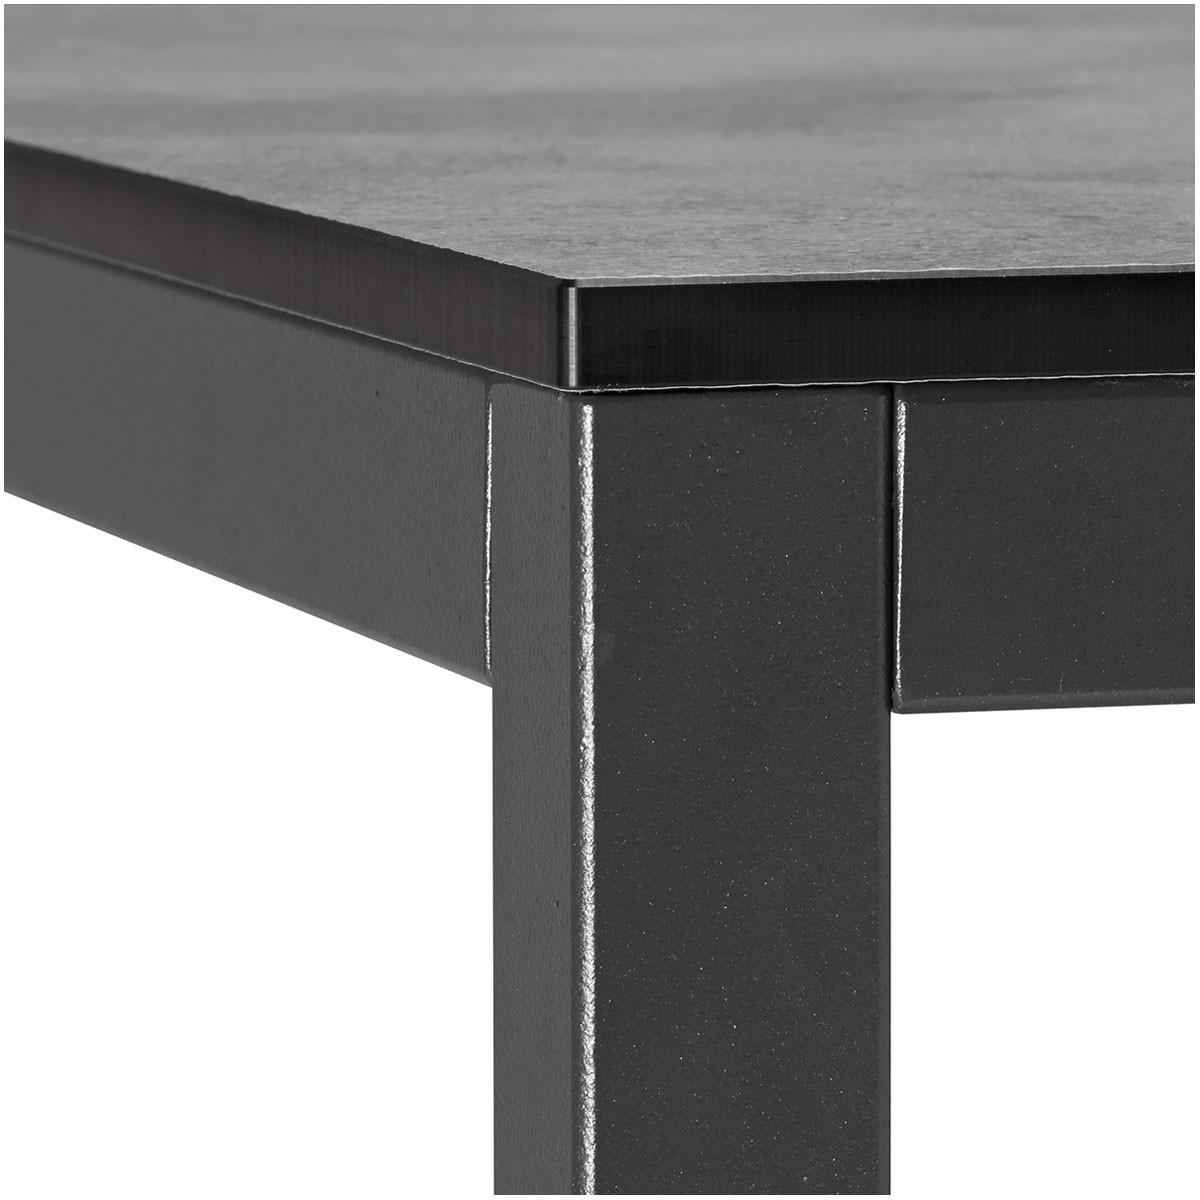 Stół metalowy do ogródka restauracji MIRTO SCAB DESIGN